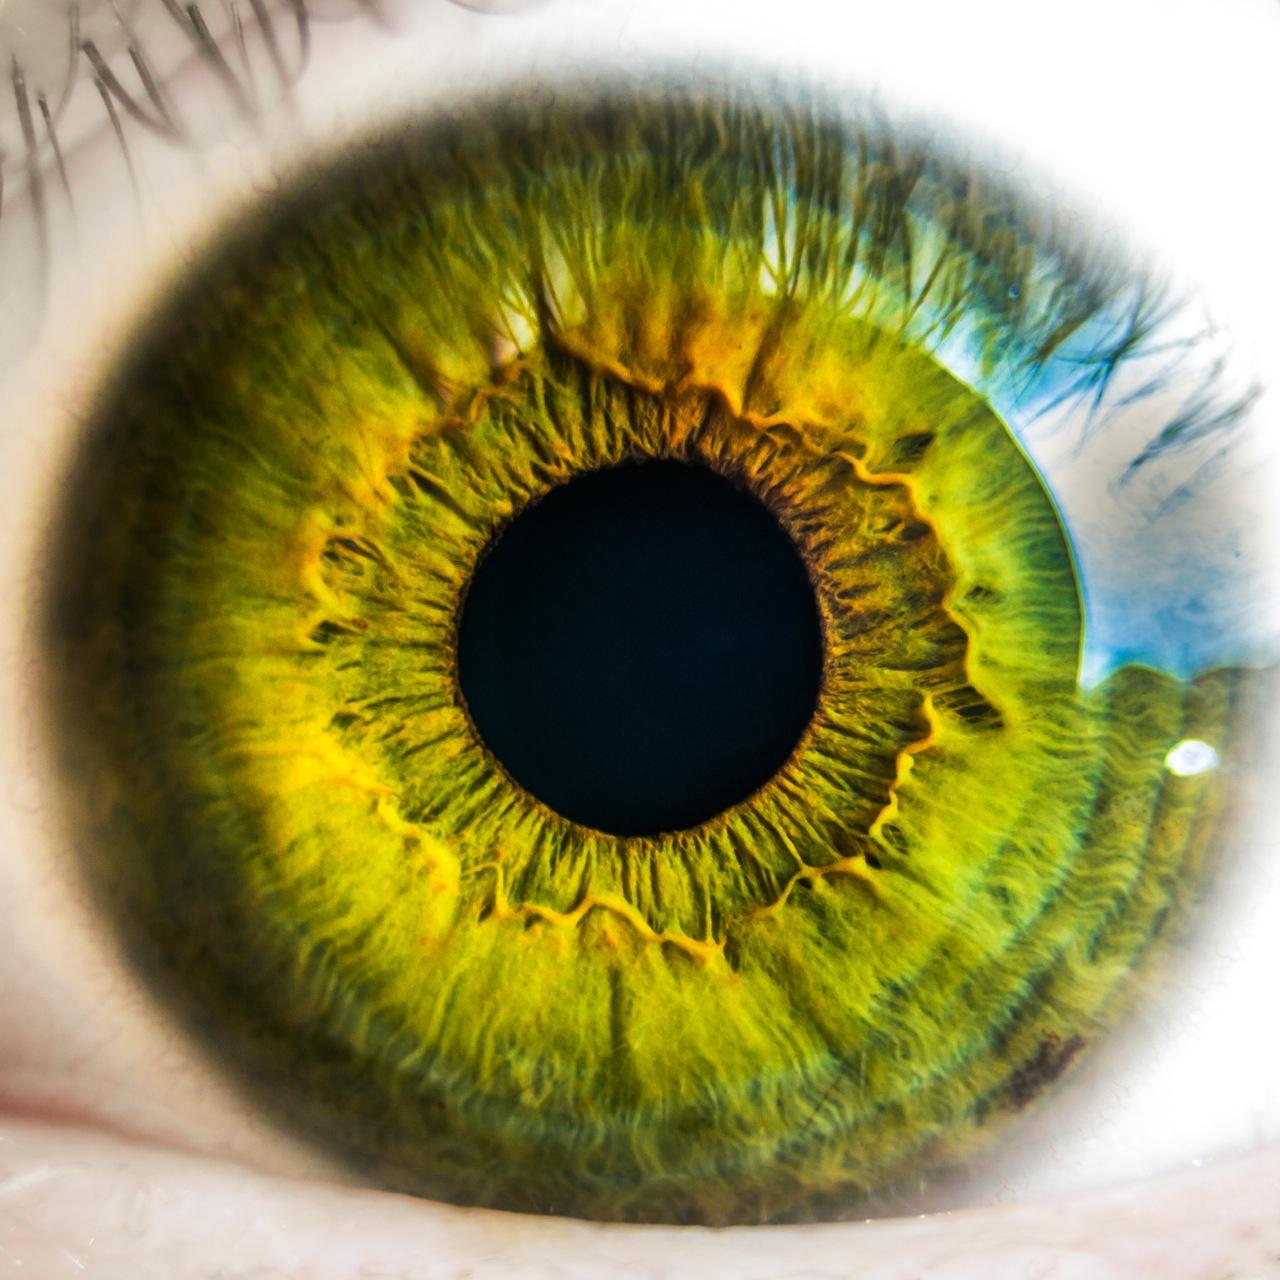 بالصور مكونات العين , ماهى مكونات العين 6190